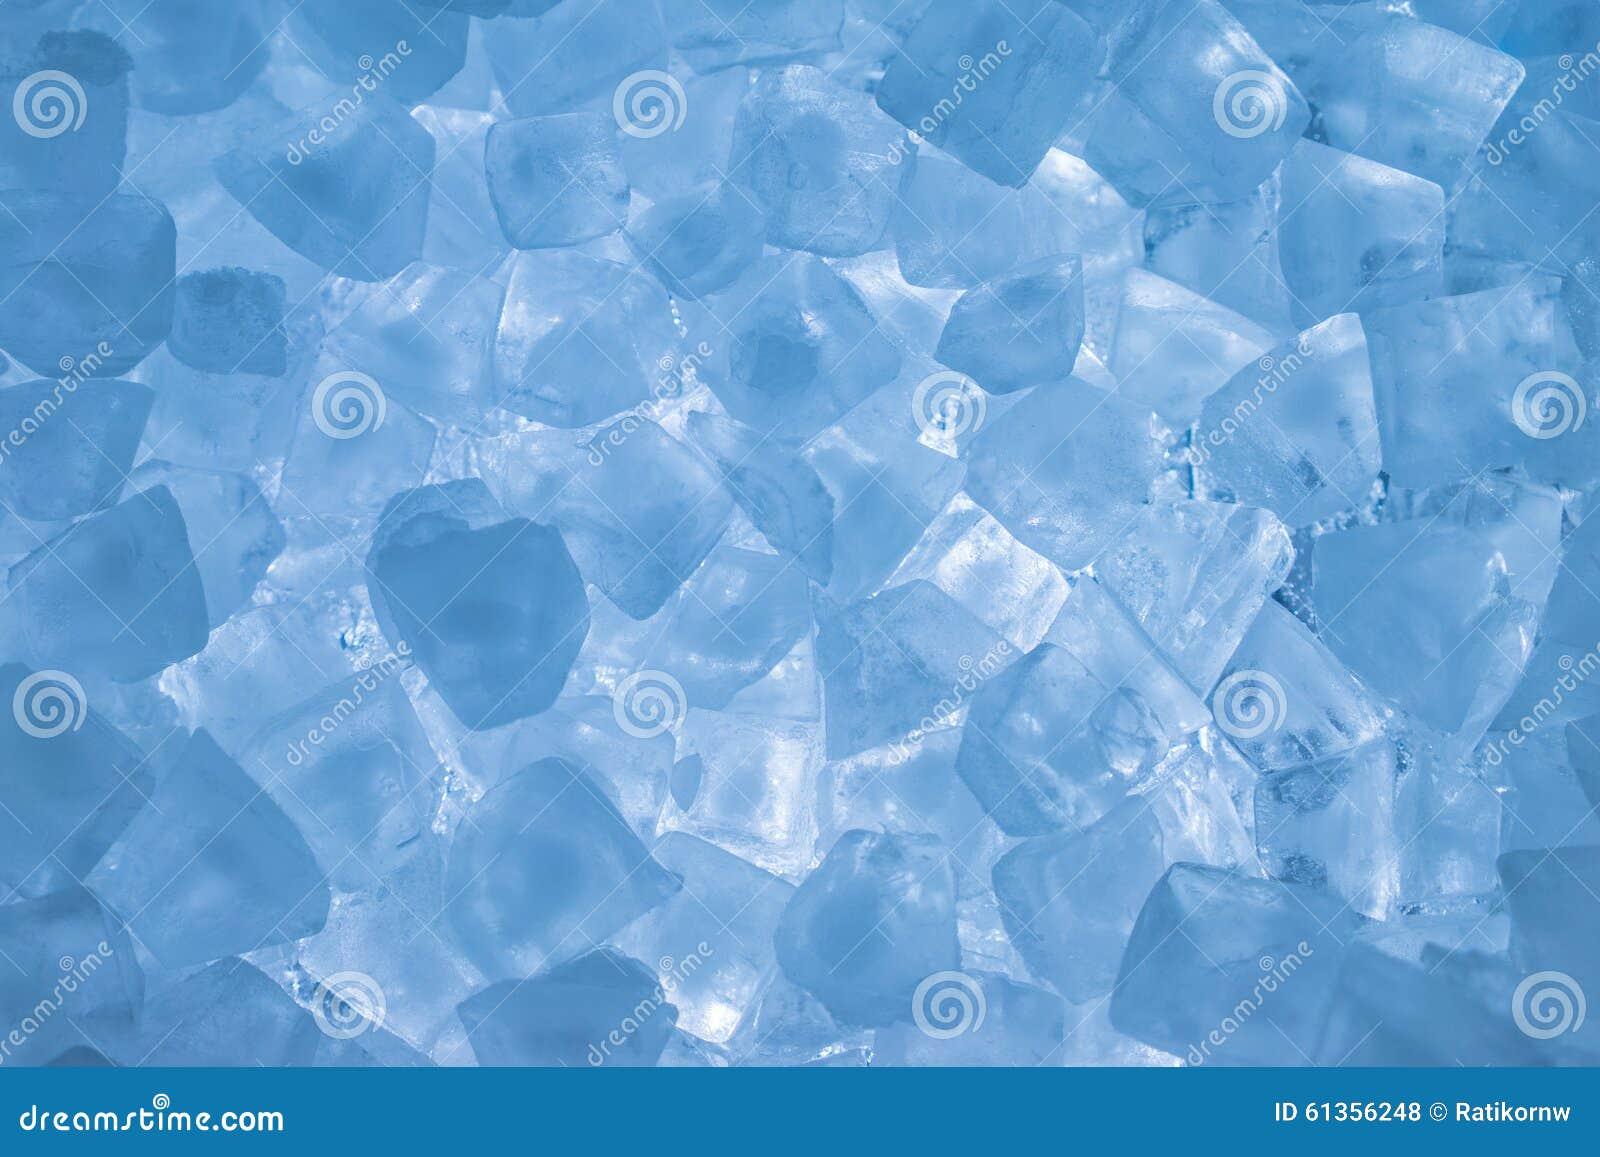 Cubetti Di Ghiaccio Con Colore Blu Chiaro Fotografia Stock